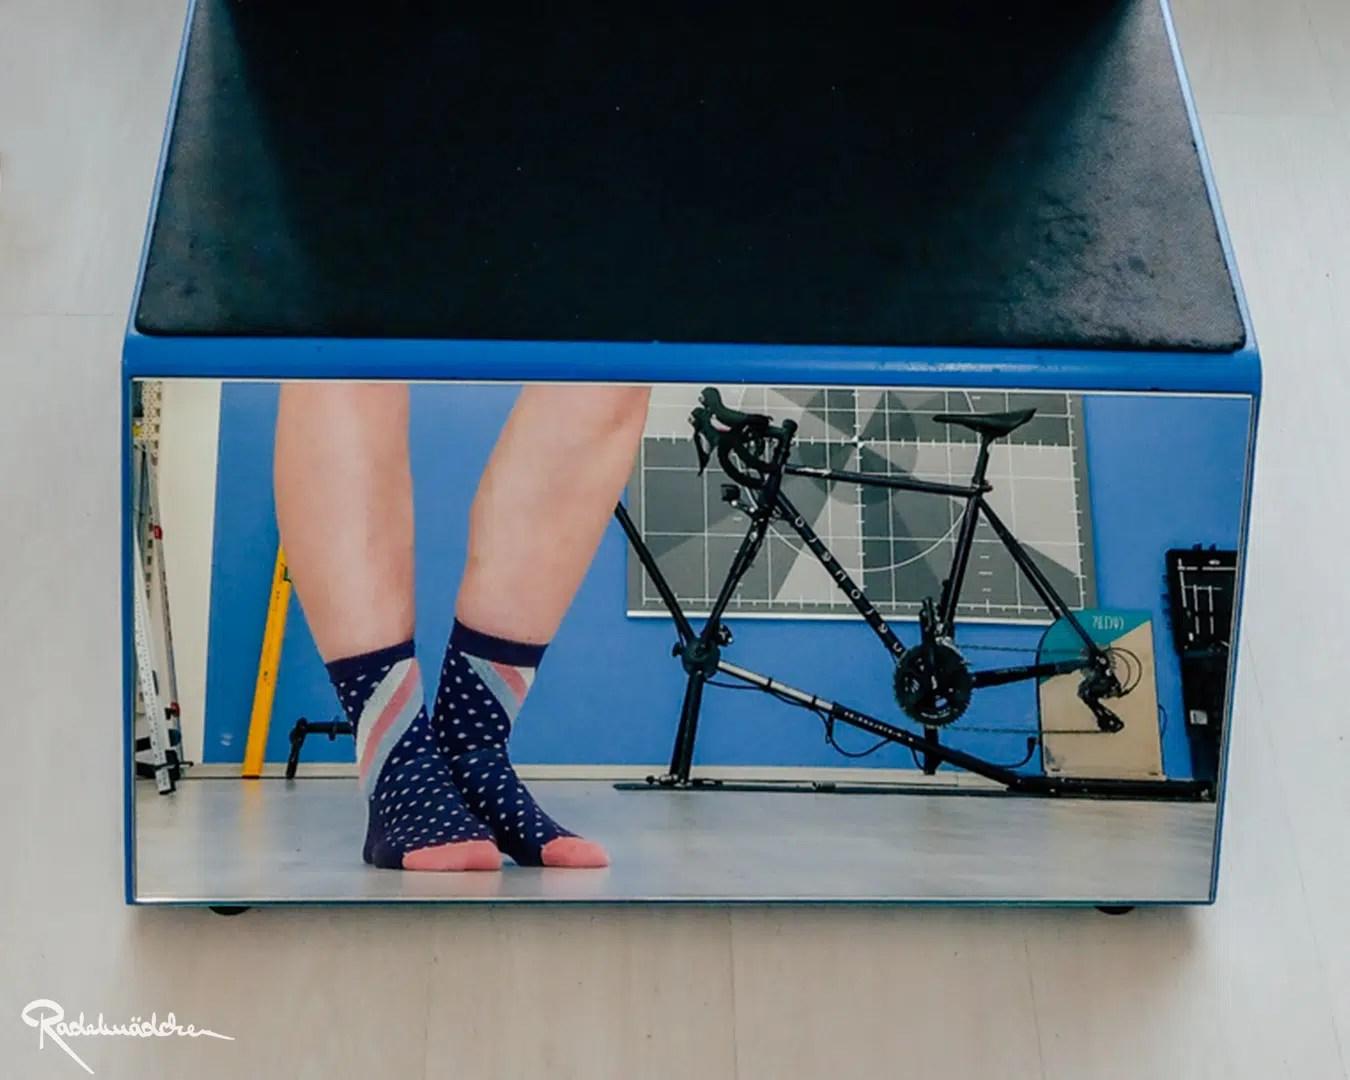 spiegel mit blikc auf Rad und Beine